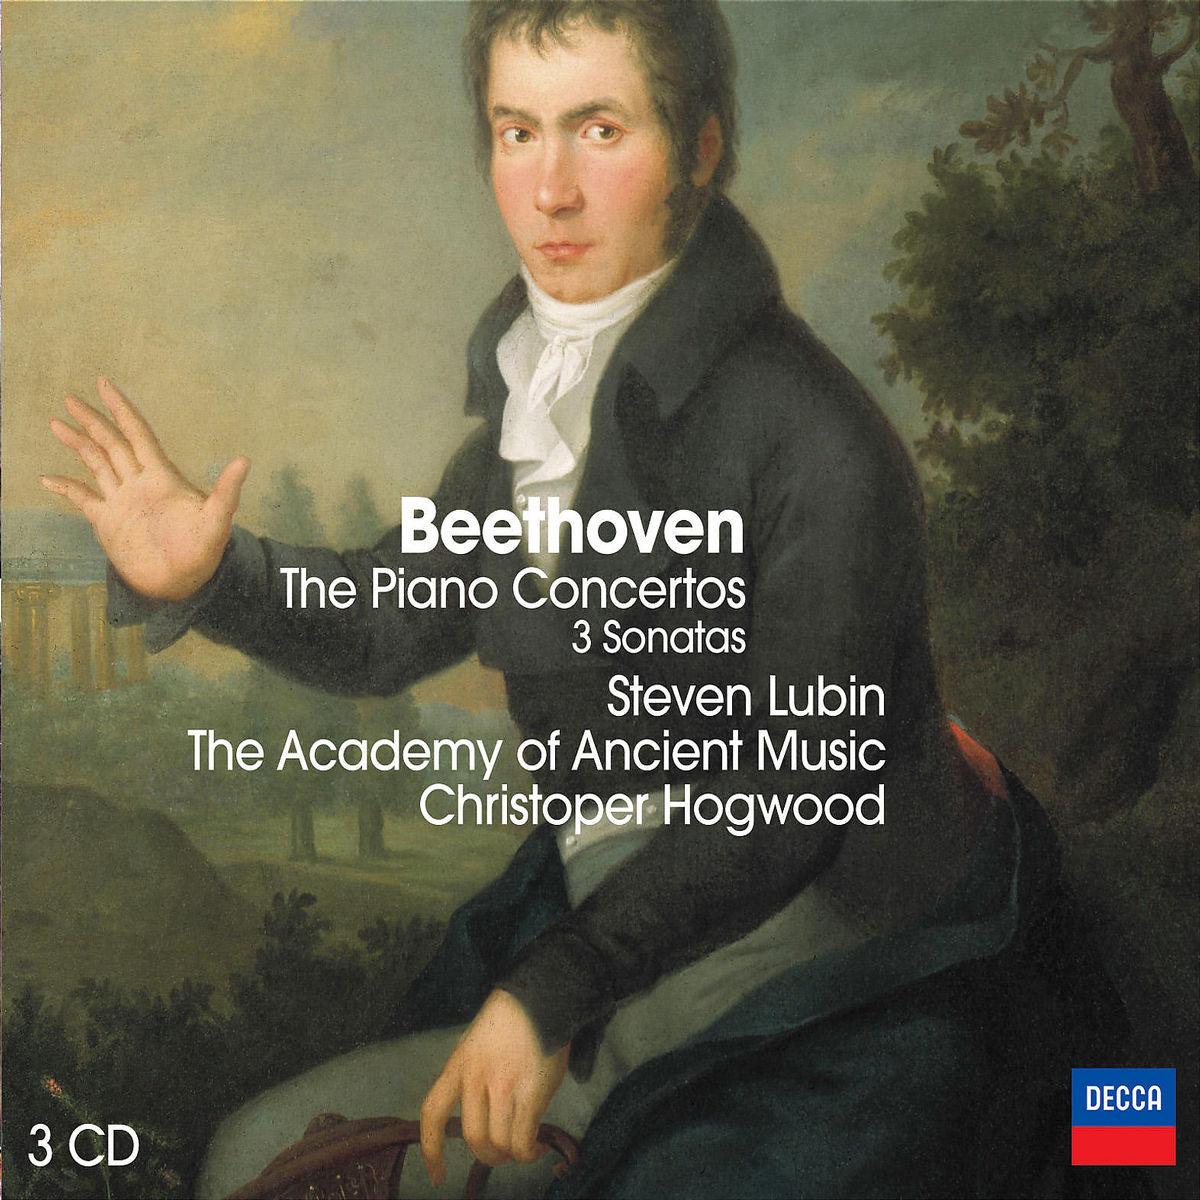 [Imagen: beethoven-piano-concertos-sonatas-0028947572978.jpg]